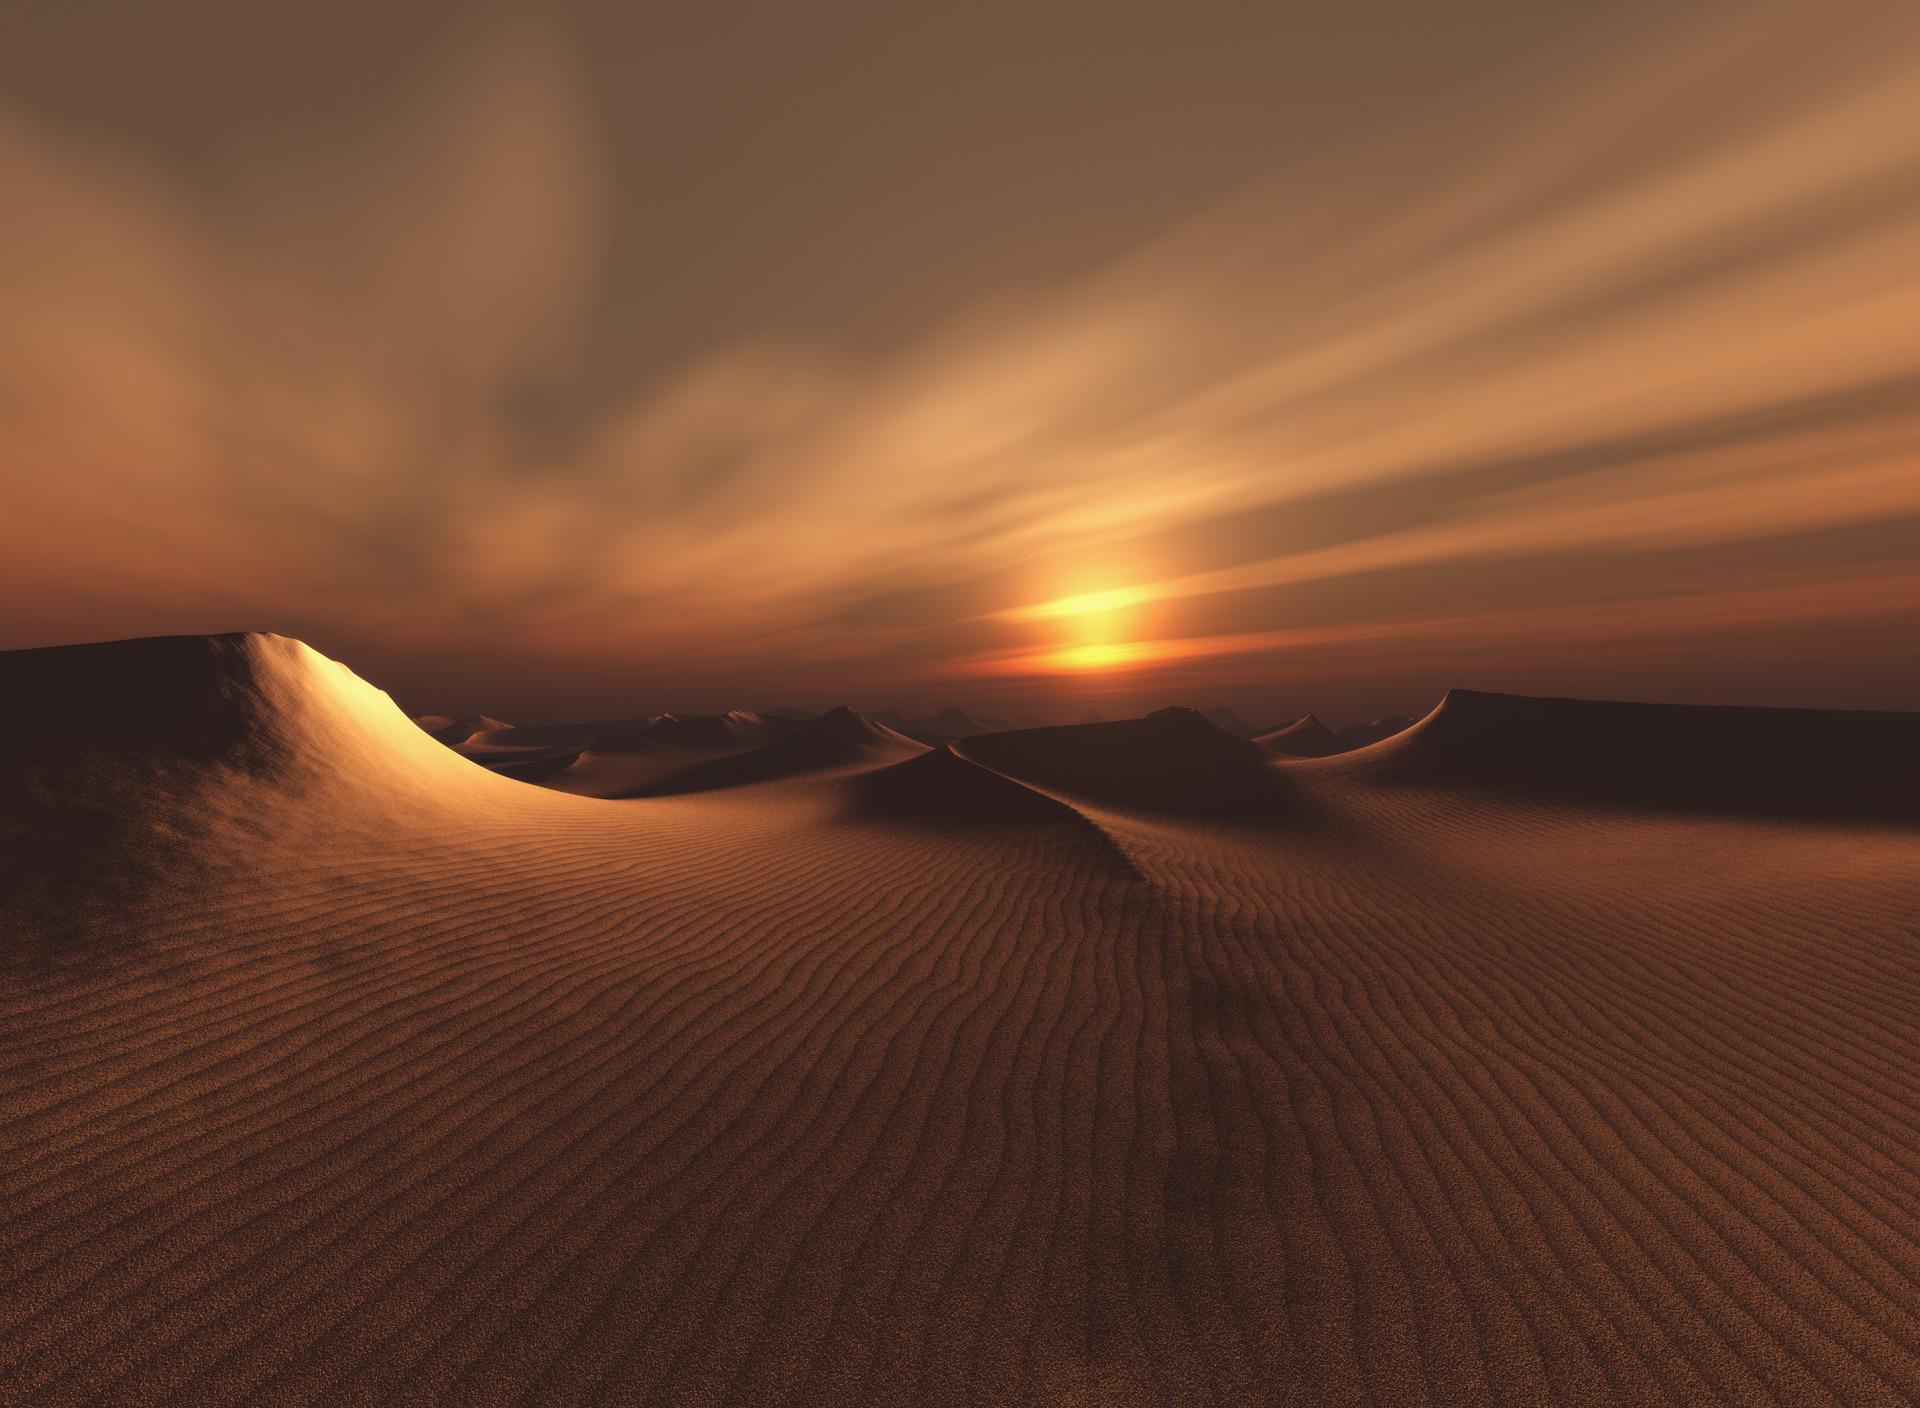 картинки пустыня рассвет бизнес